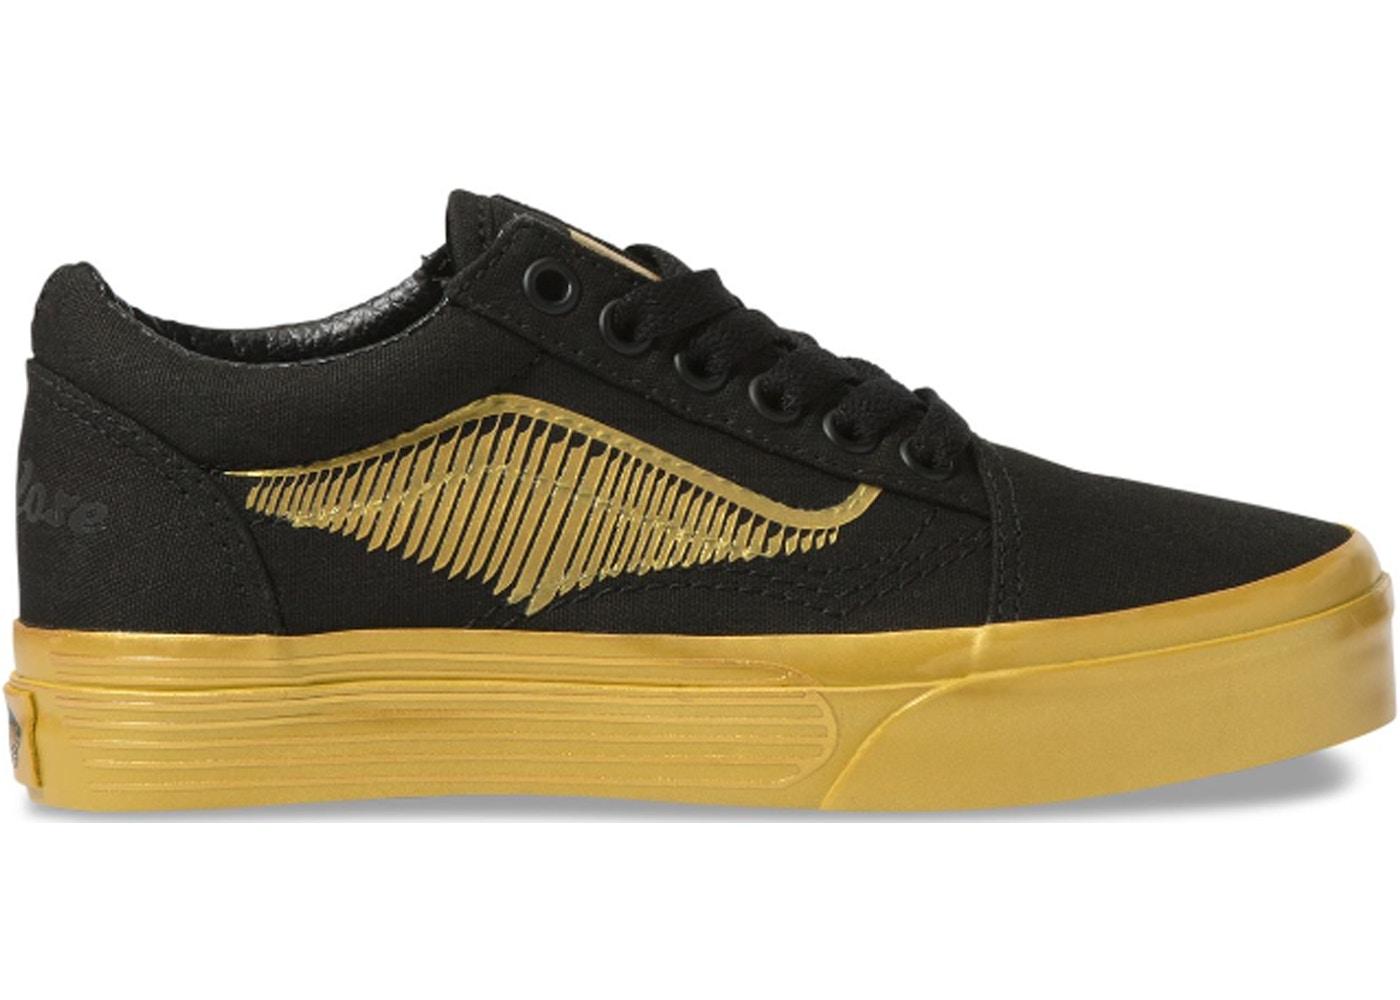 Vans Old Skool Harry Potter Golden Snitch (PS) Sneakers